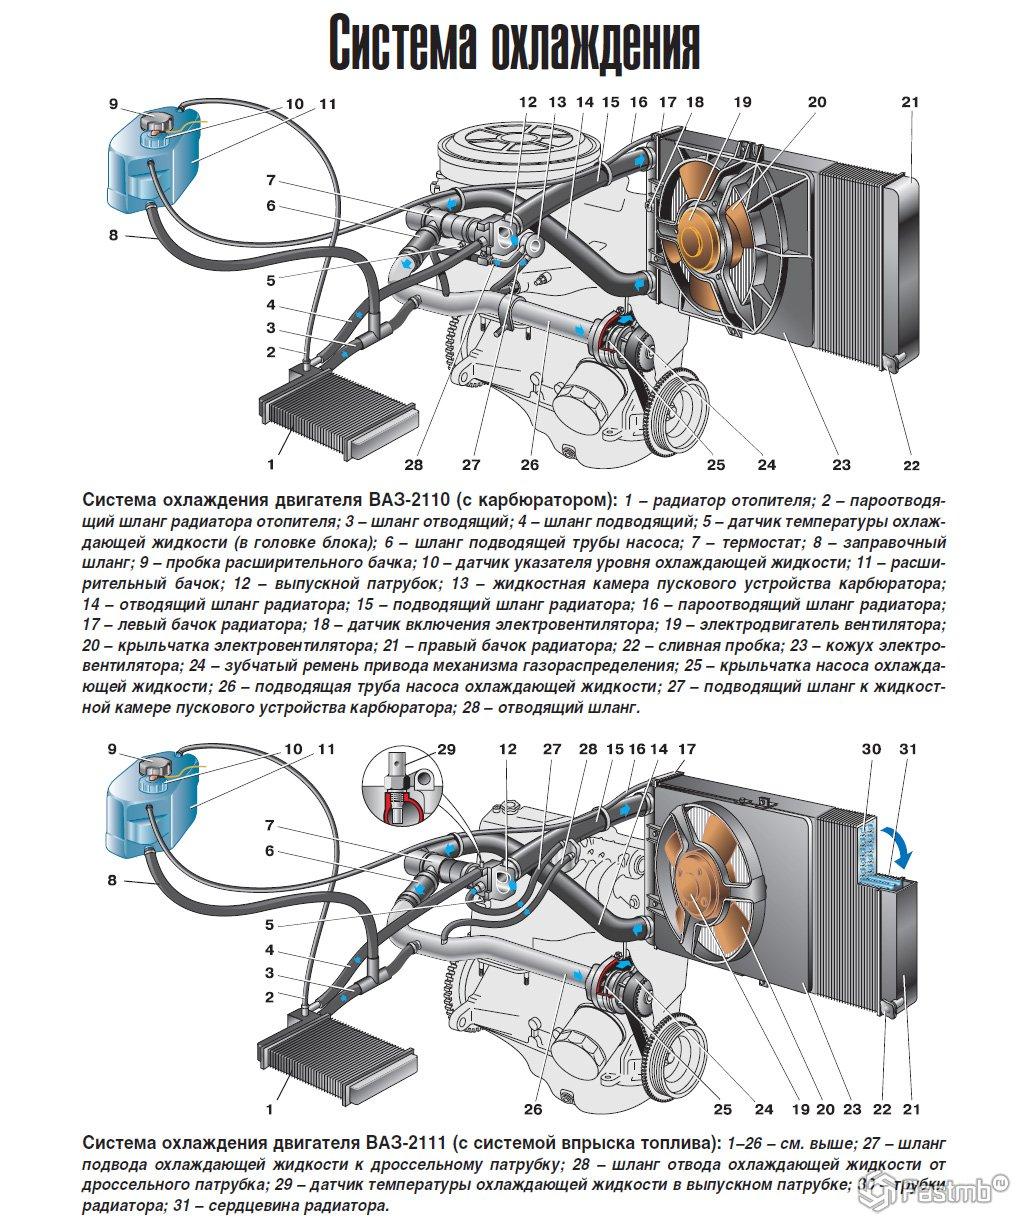 Система отопления автомобиля, схема устройства